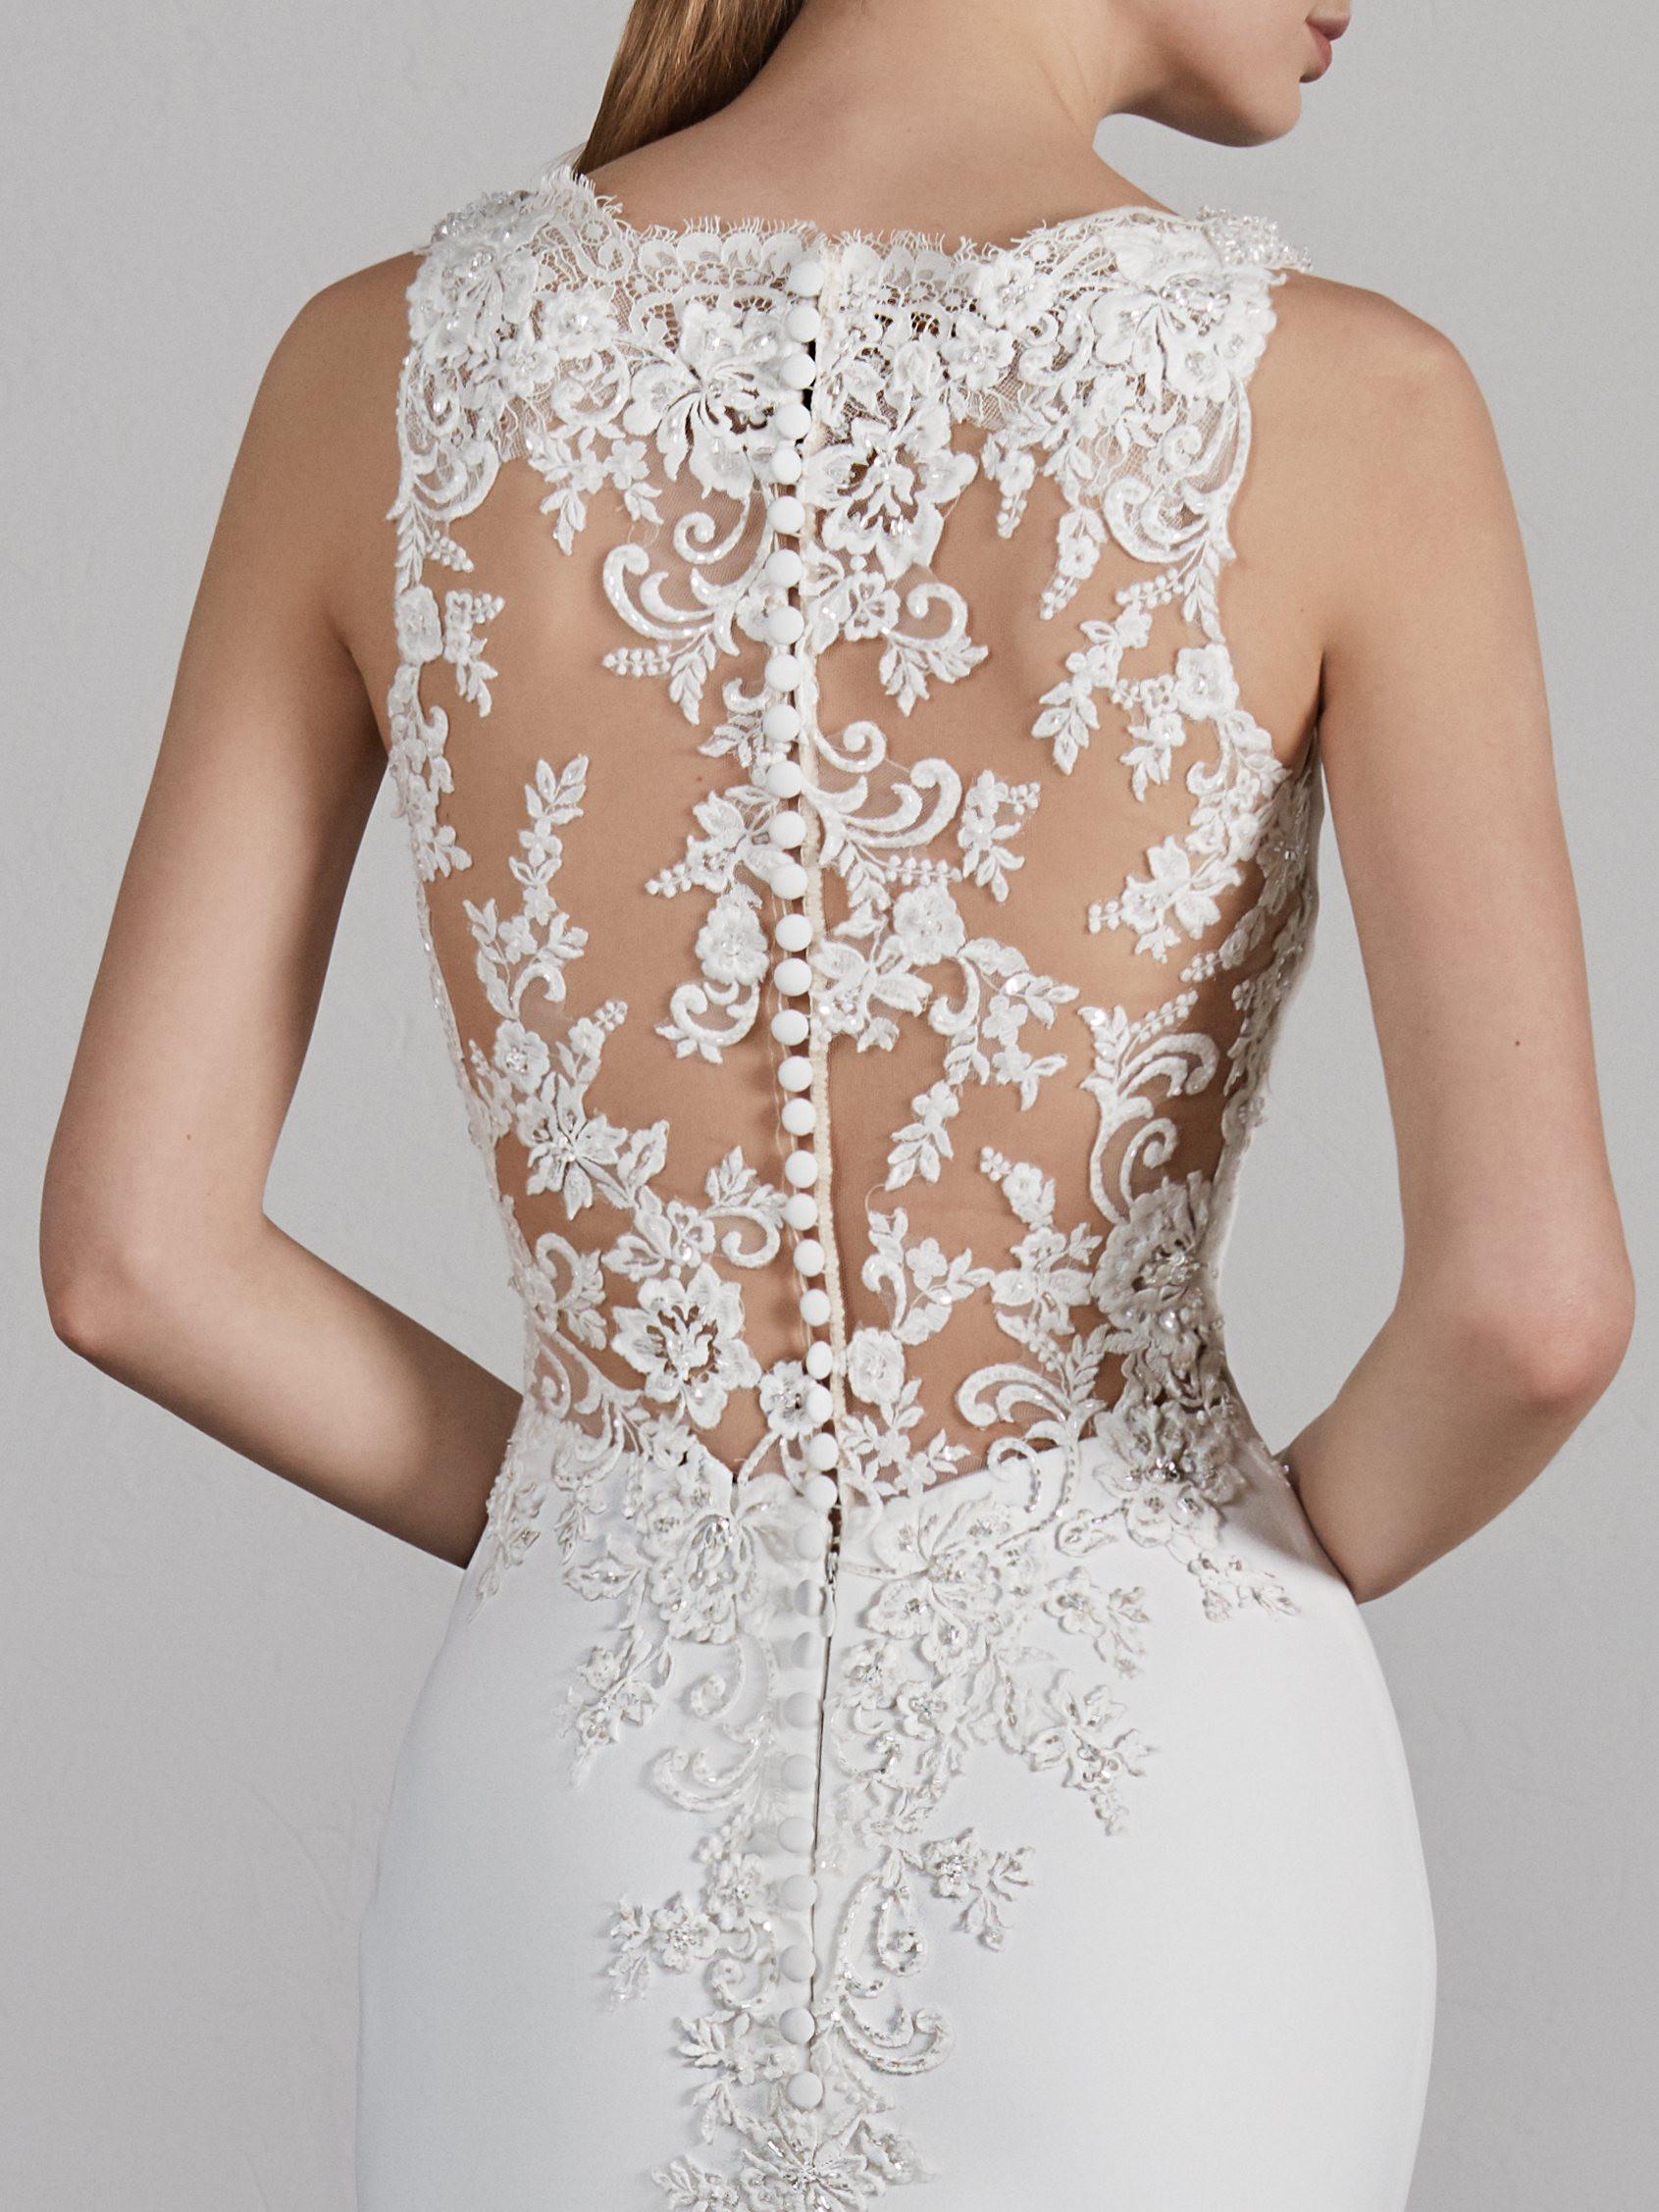 Bateau Neck Sleeveless Illusion Lace Back Mermaid Wedding Dress Kleinfeld Bridal